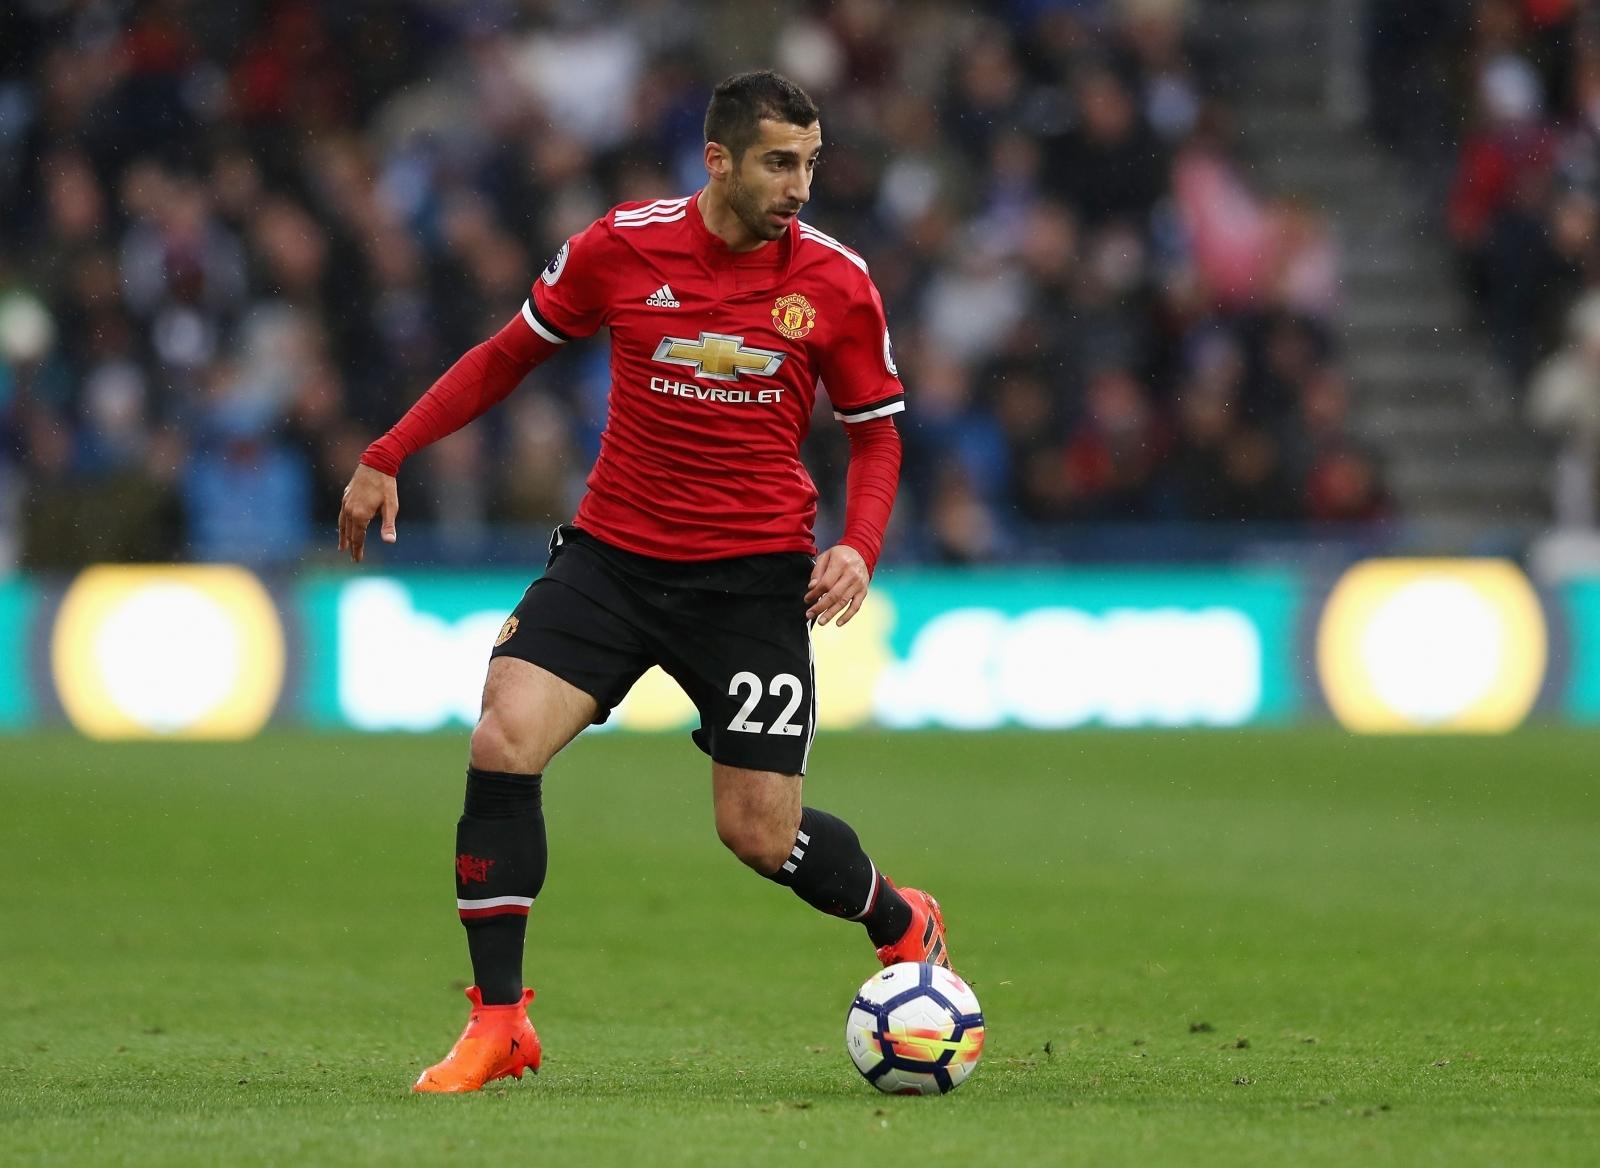 Manchester United s struggling star Henrikh Mkhitaryan fighting